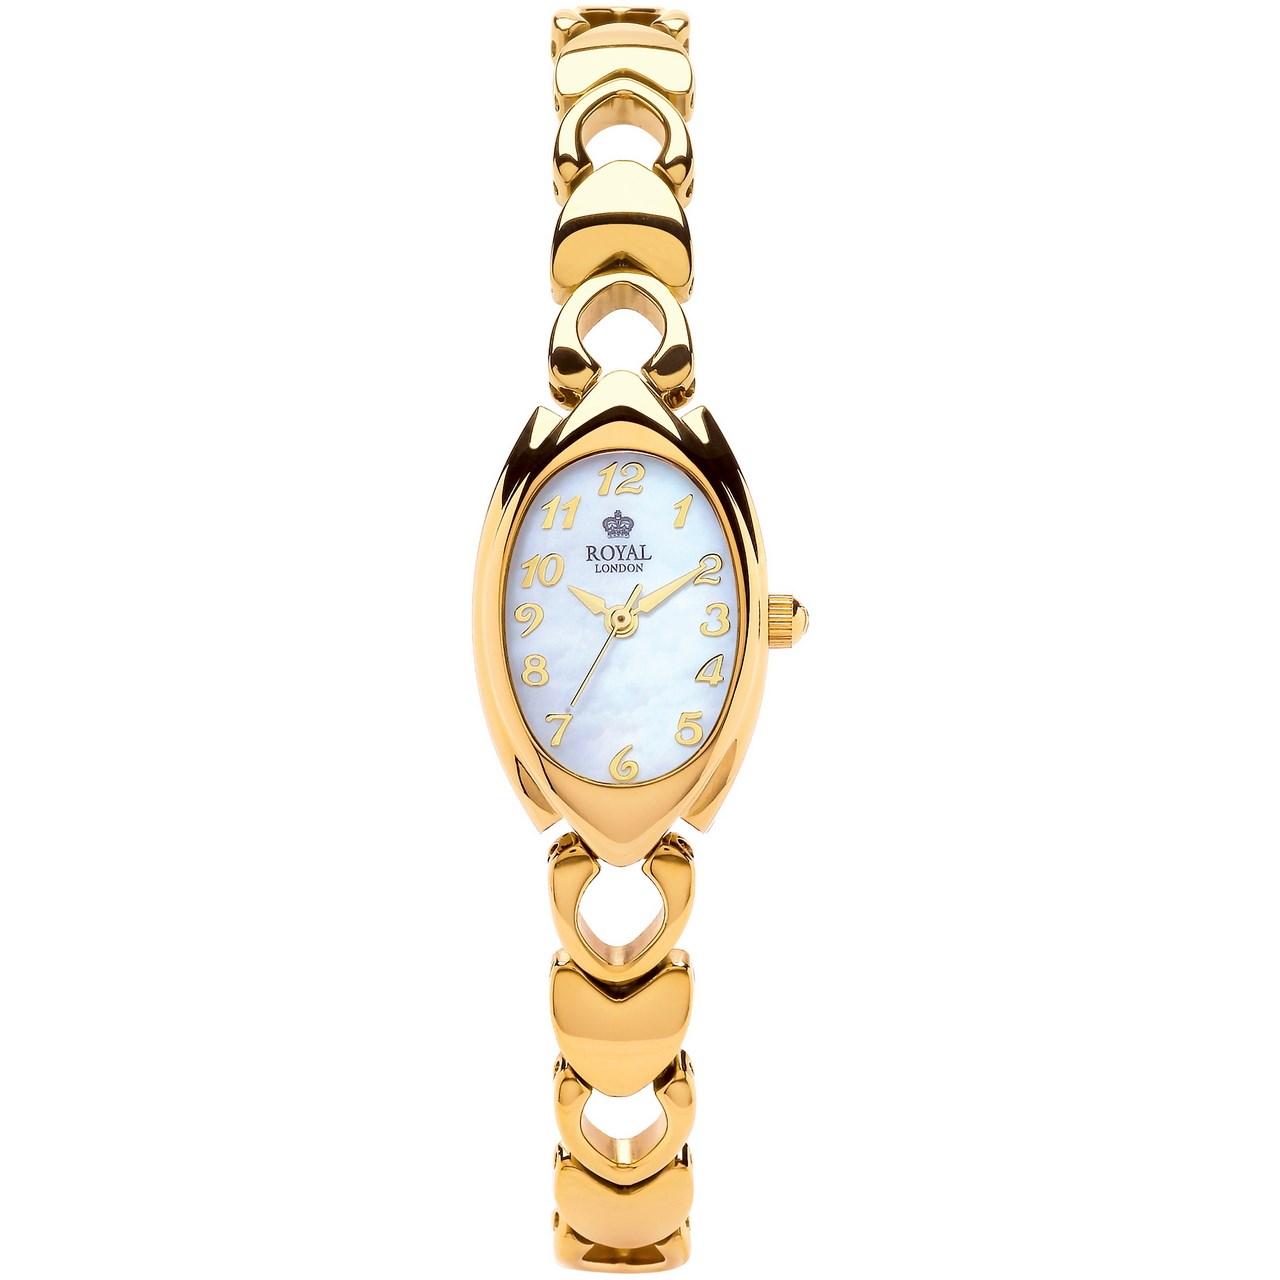 ساعت زنانه برند رویال لندن مدل RL-21241-02